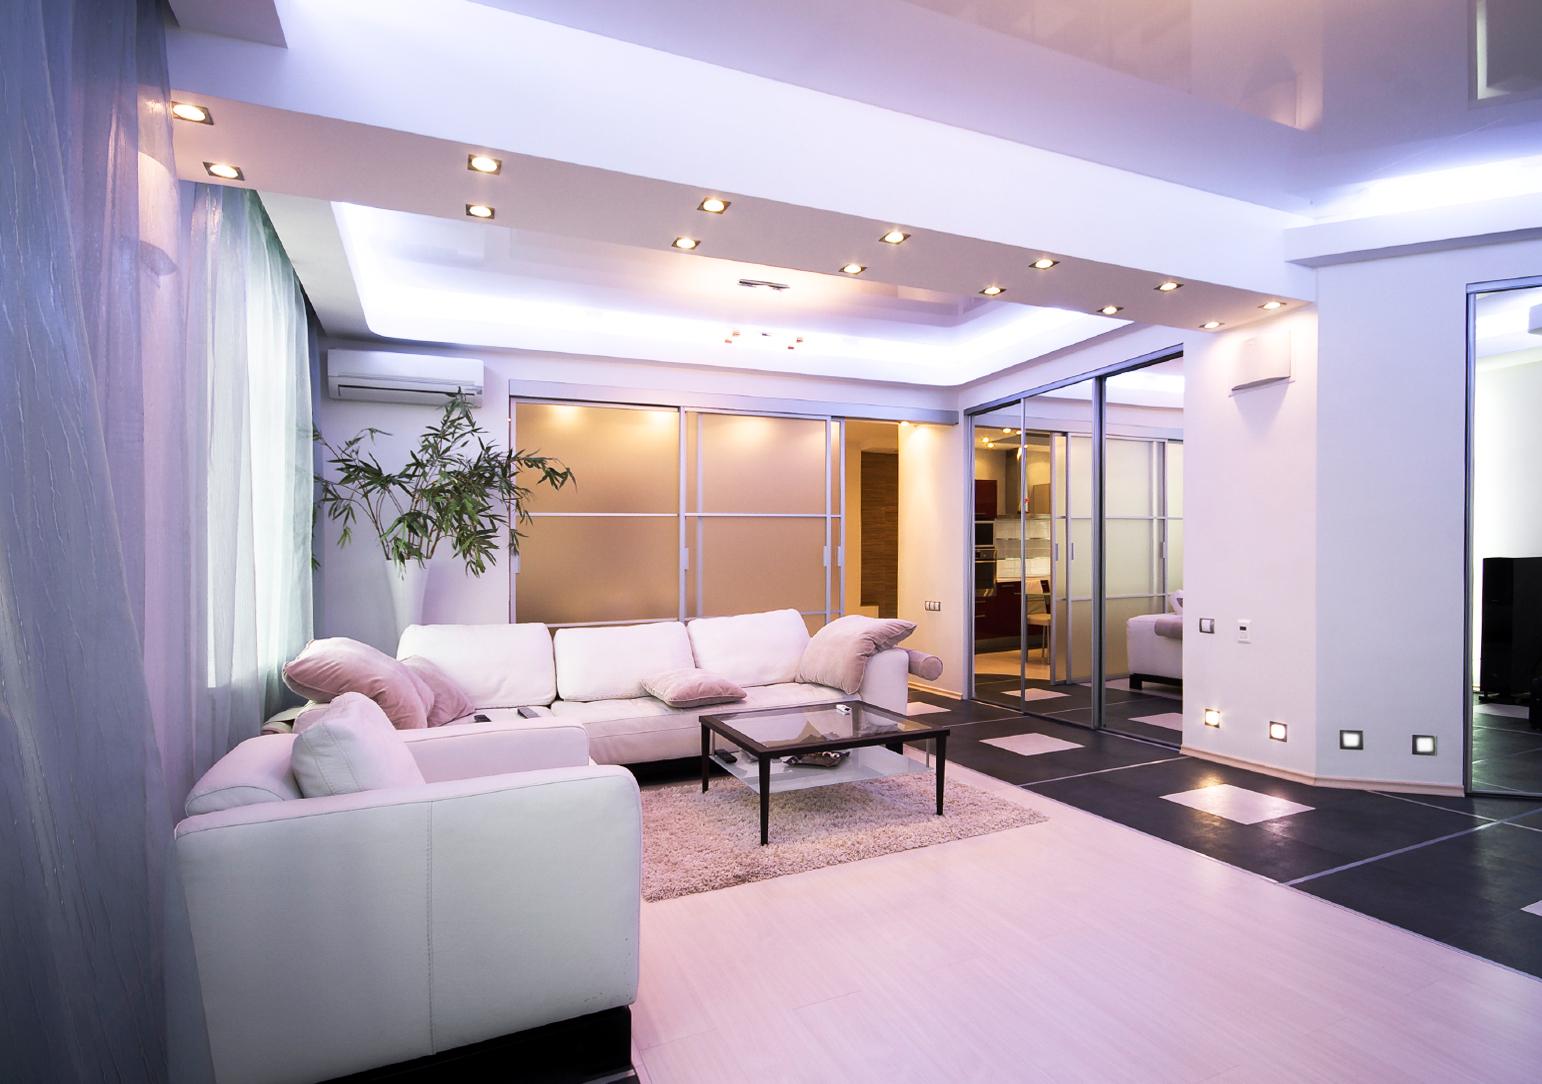 освещение комнат в квартире фото идеи